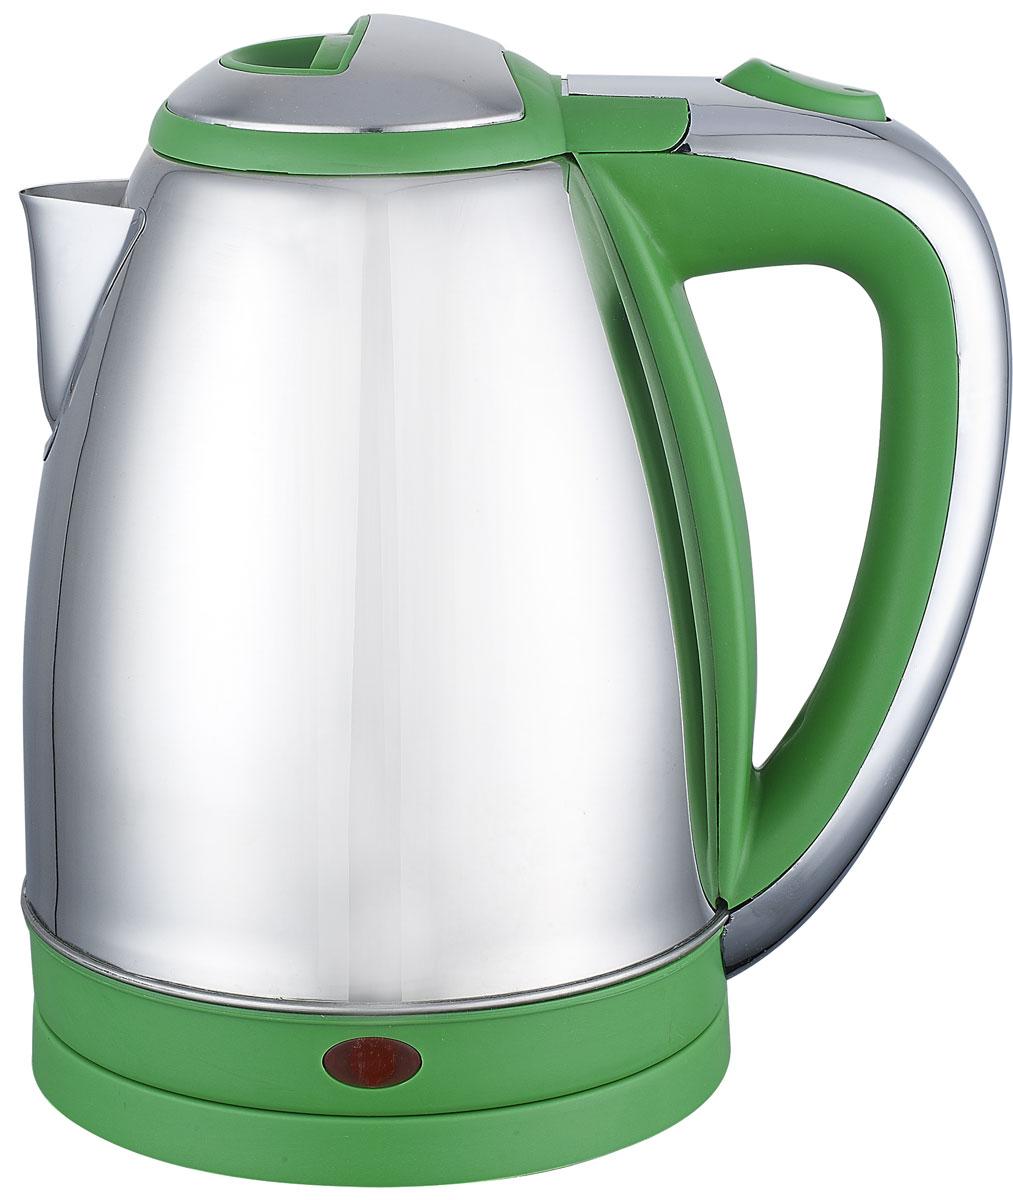 Irit IR-1314, Green электрический чайник79 02960Электрический чайник Irit IR-1314 прост в управлении и долговечен в использовании. Изготовлен из высококачественных материалов. Прозрачное окошко позволяет определить уровень воды. Мощность 1500 Вт вскипятит 1,8 литра воды в считанные минуты. Для обеспечения безопасности при повседневном использовании предусмотрены функция автовыключения, а также защита от включения при отсутствии воды.